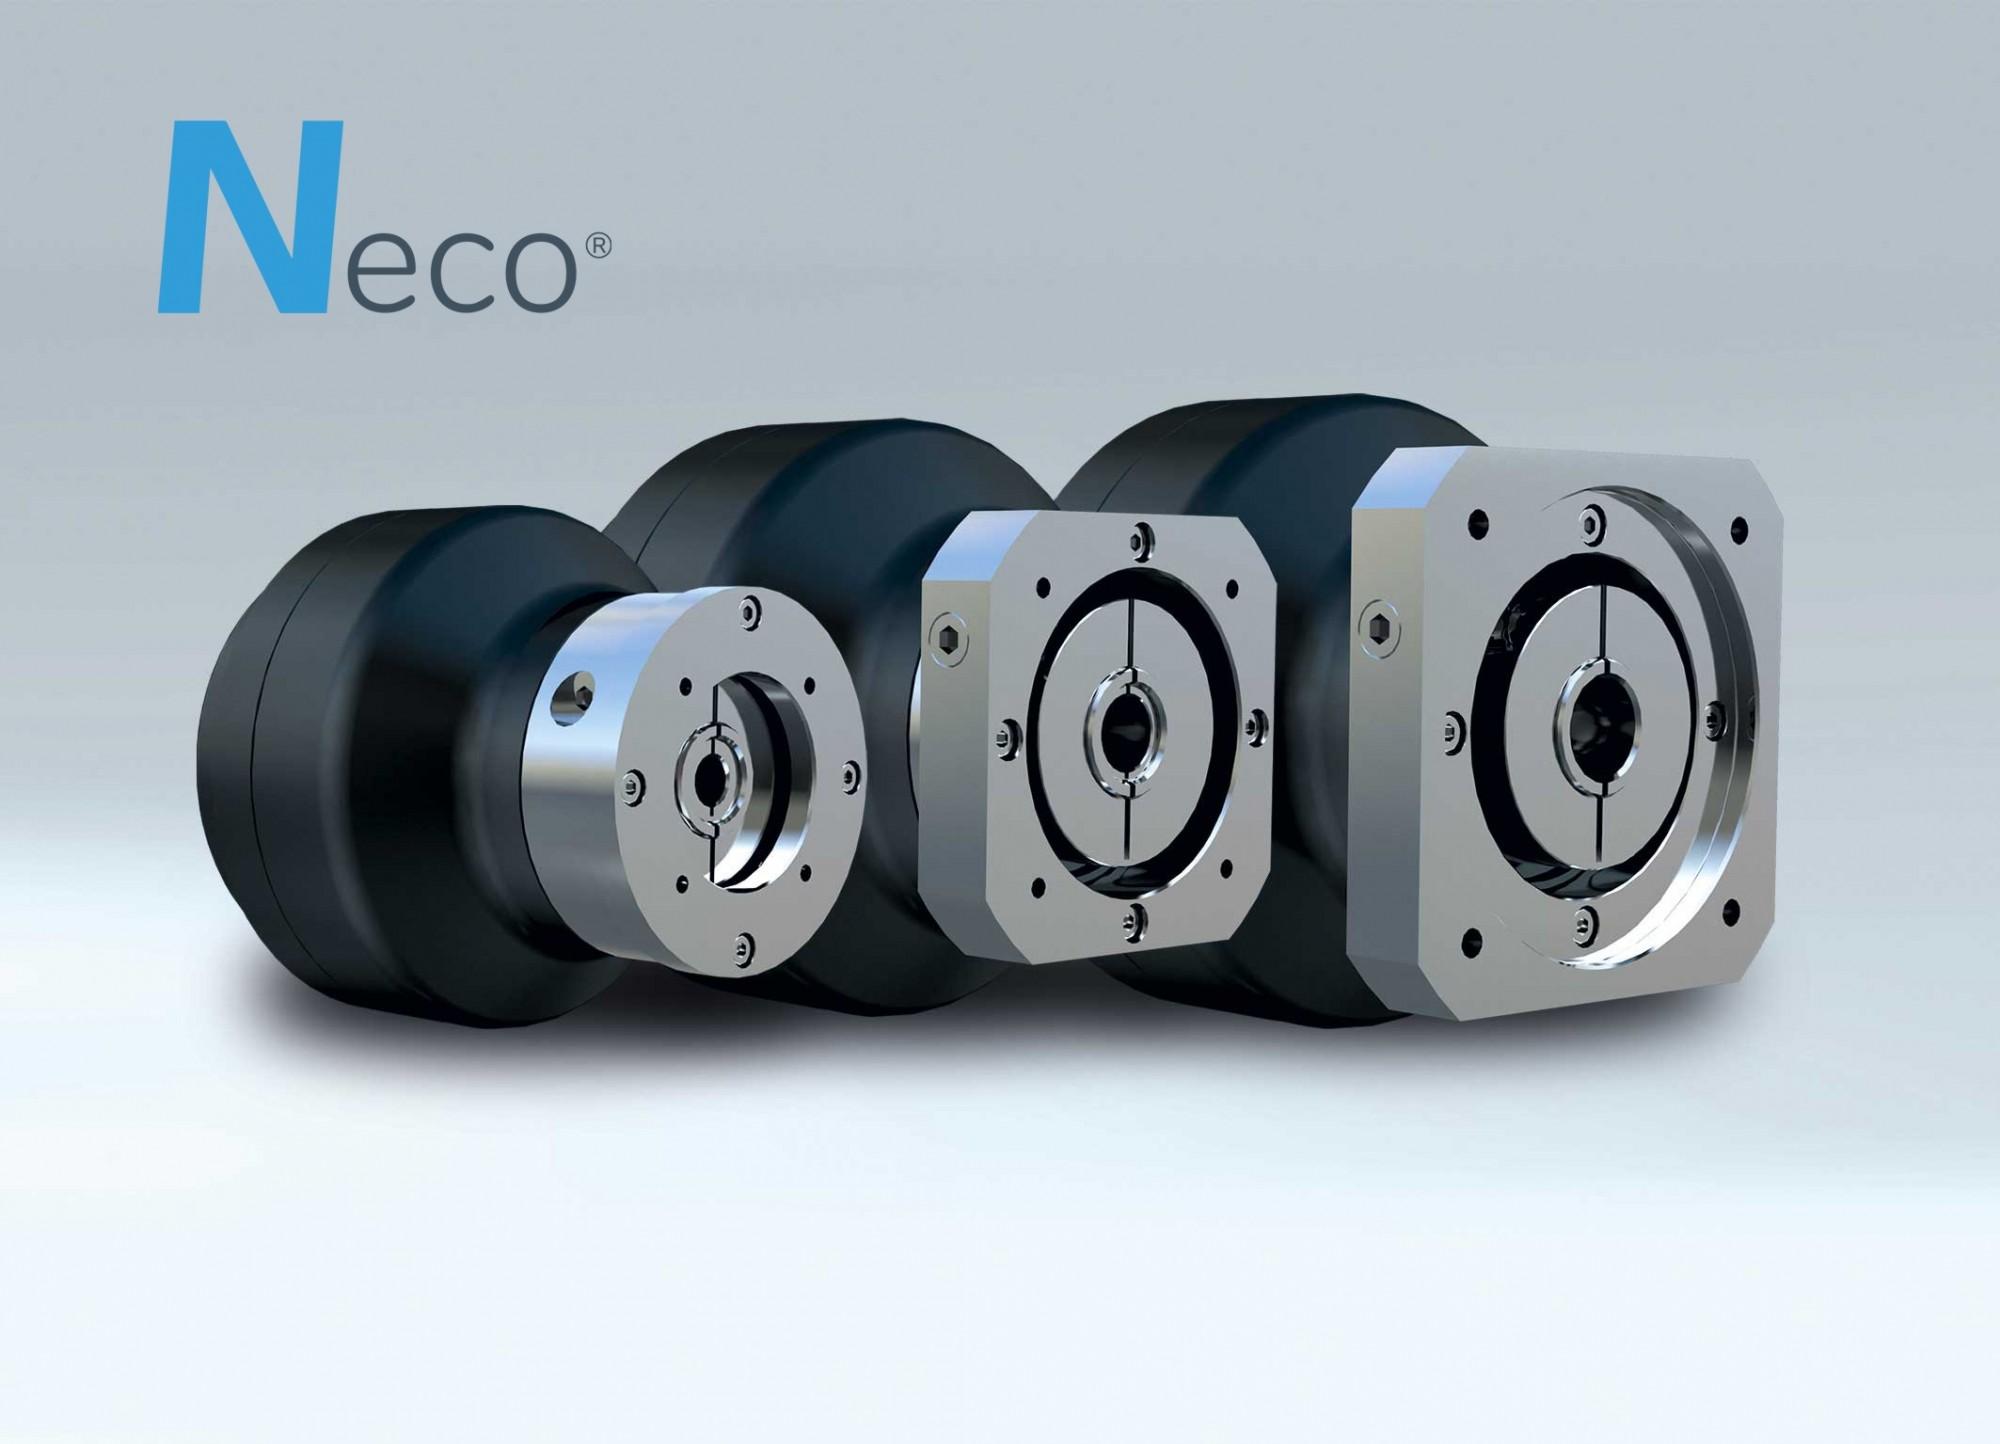 Neco® - nowa generacja przekładni cykloidalnych